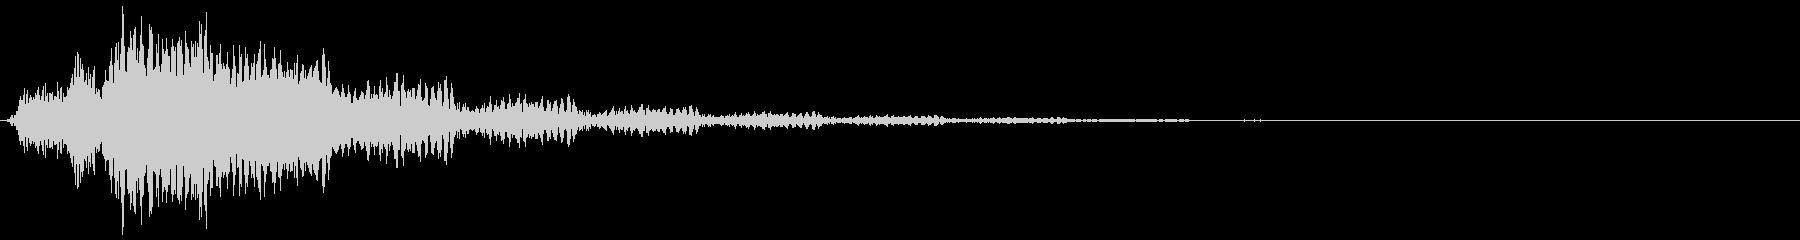 ピコーン(診断・調べる・ボタン音)の未再生の波形